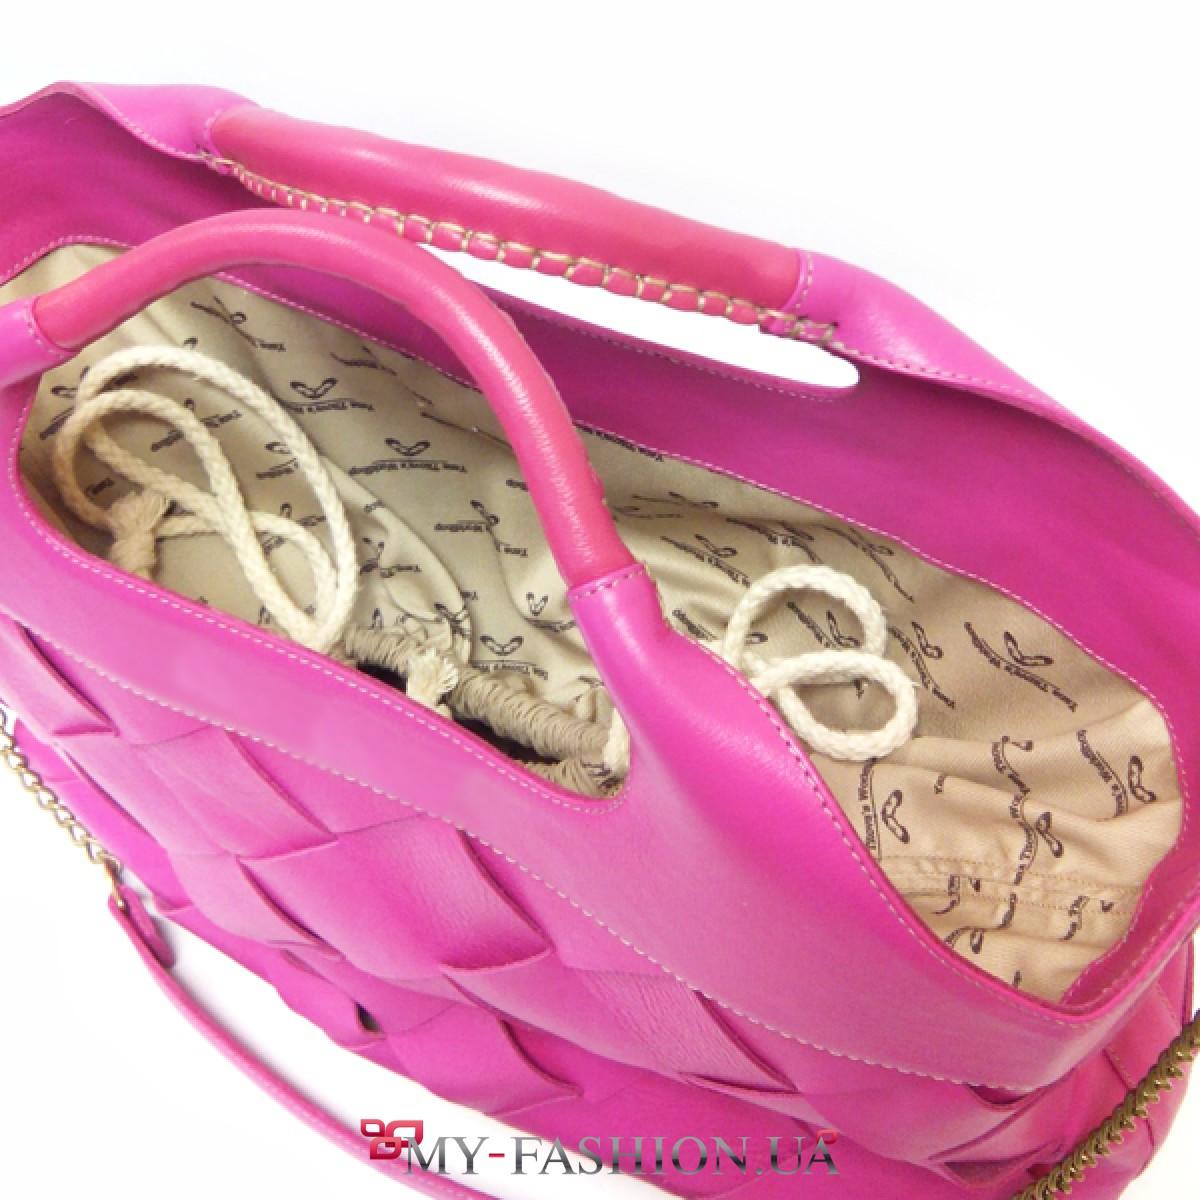 31b49837aa46 Дизайнерская сумка из ярко-розовой кожи купить в интернет магазине в ...